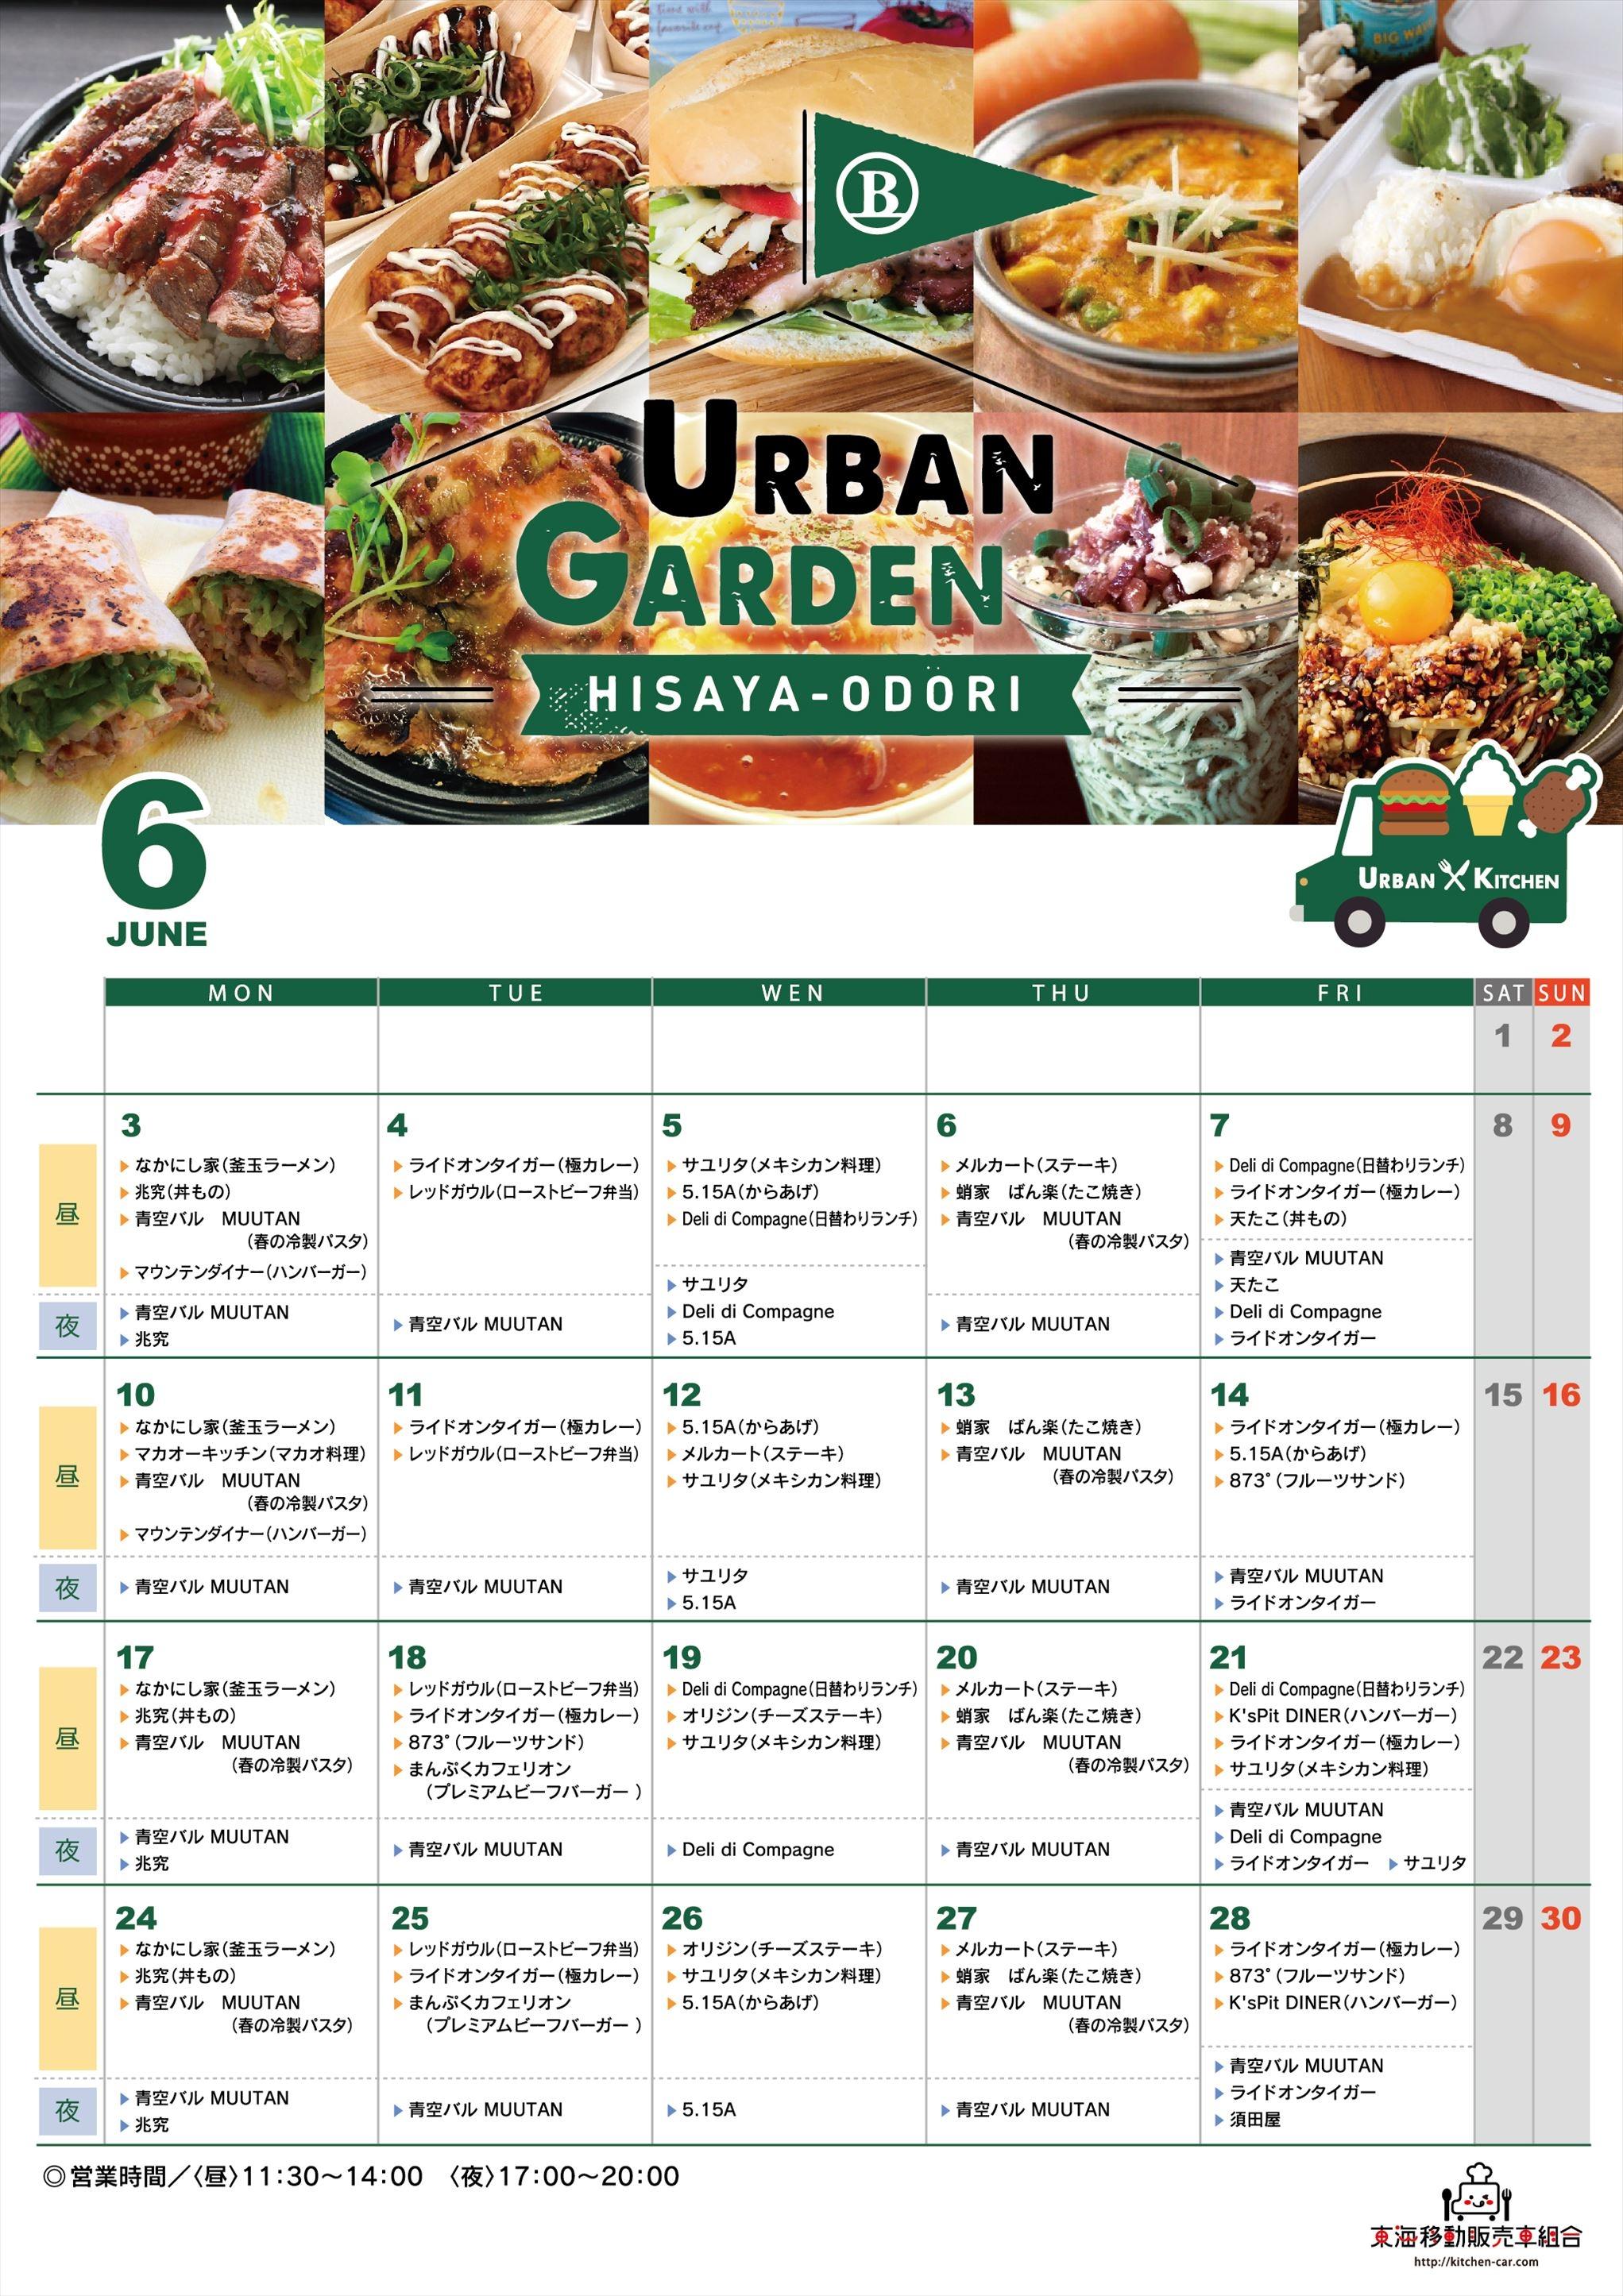 【東海移動販売車組合】6月 URBAN GARDEN HISAYA-ODORI 出店キッチンカー